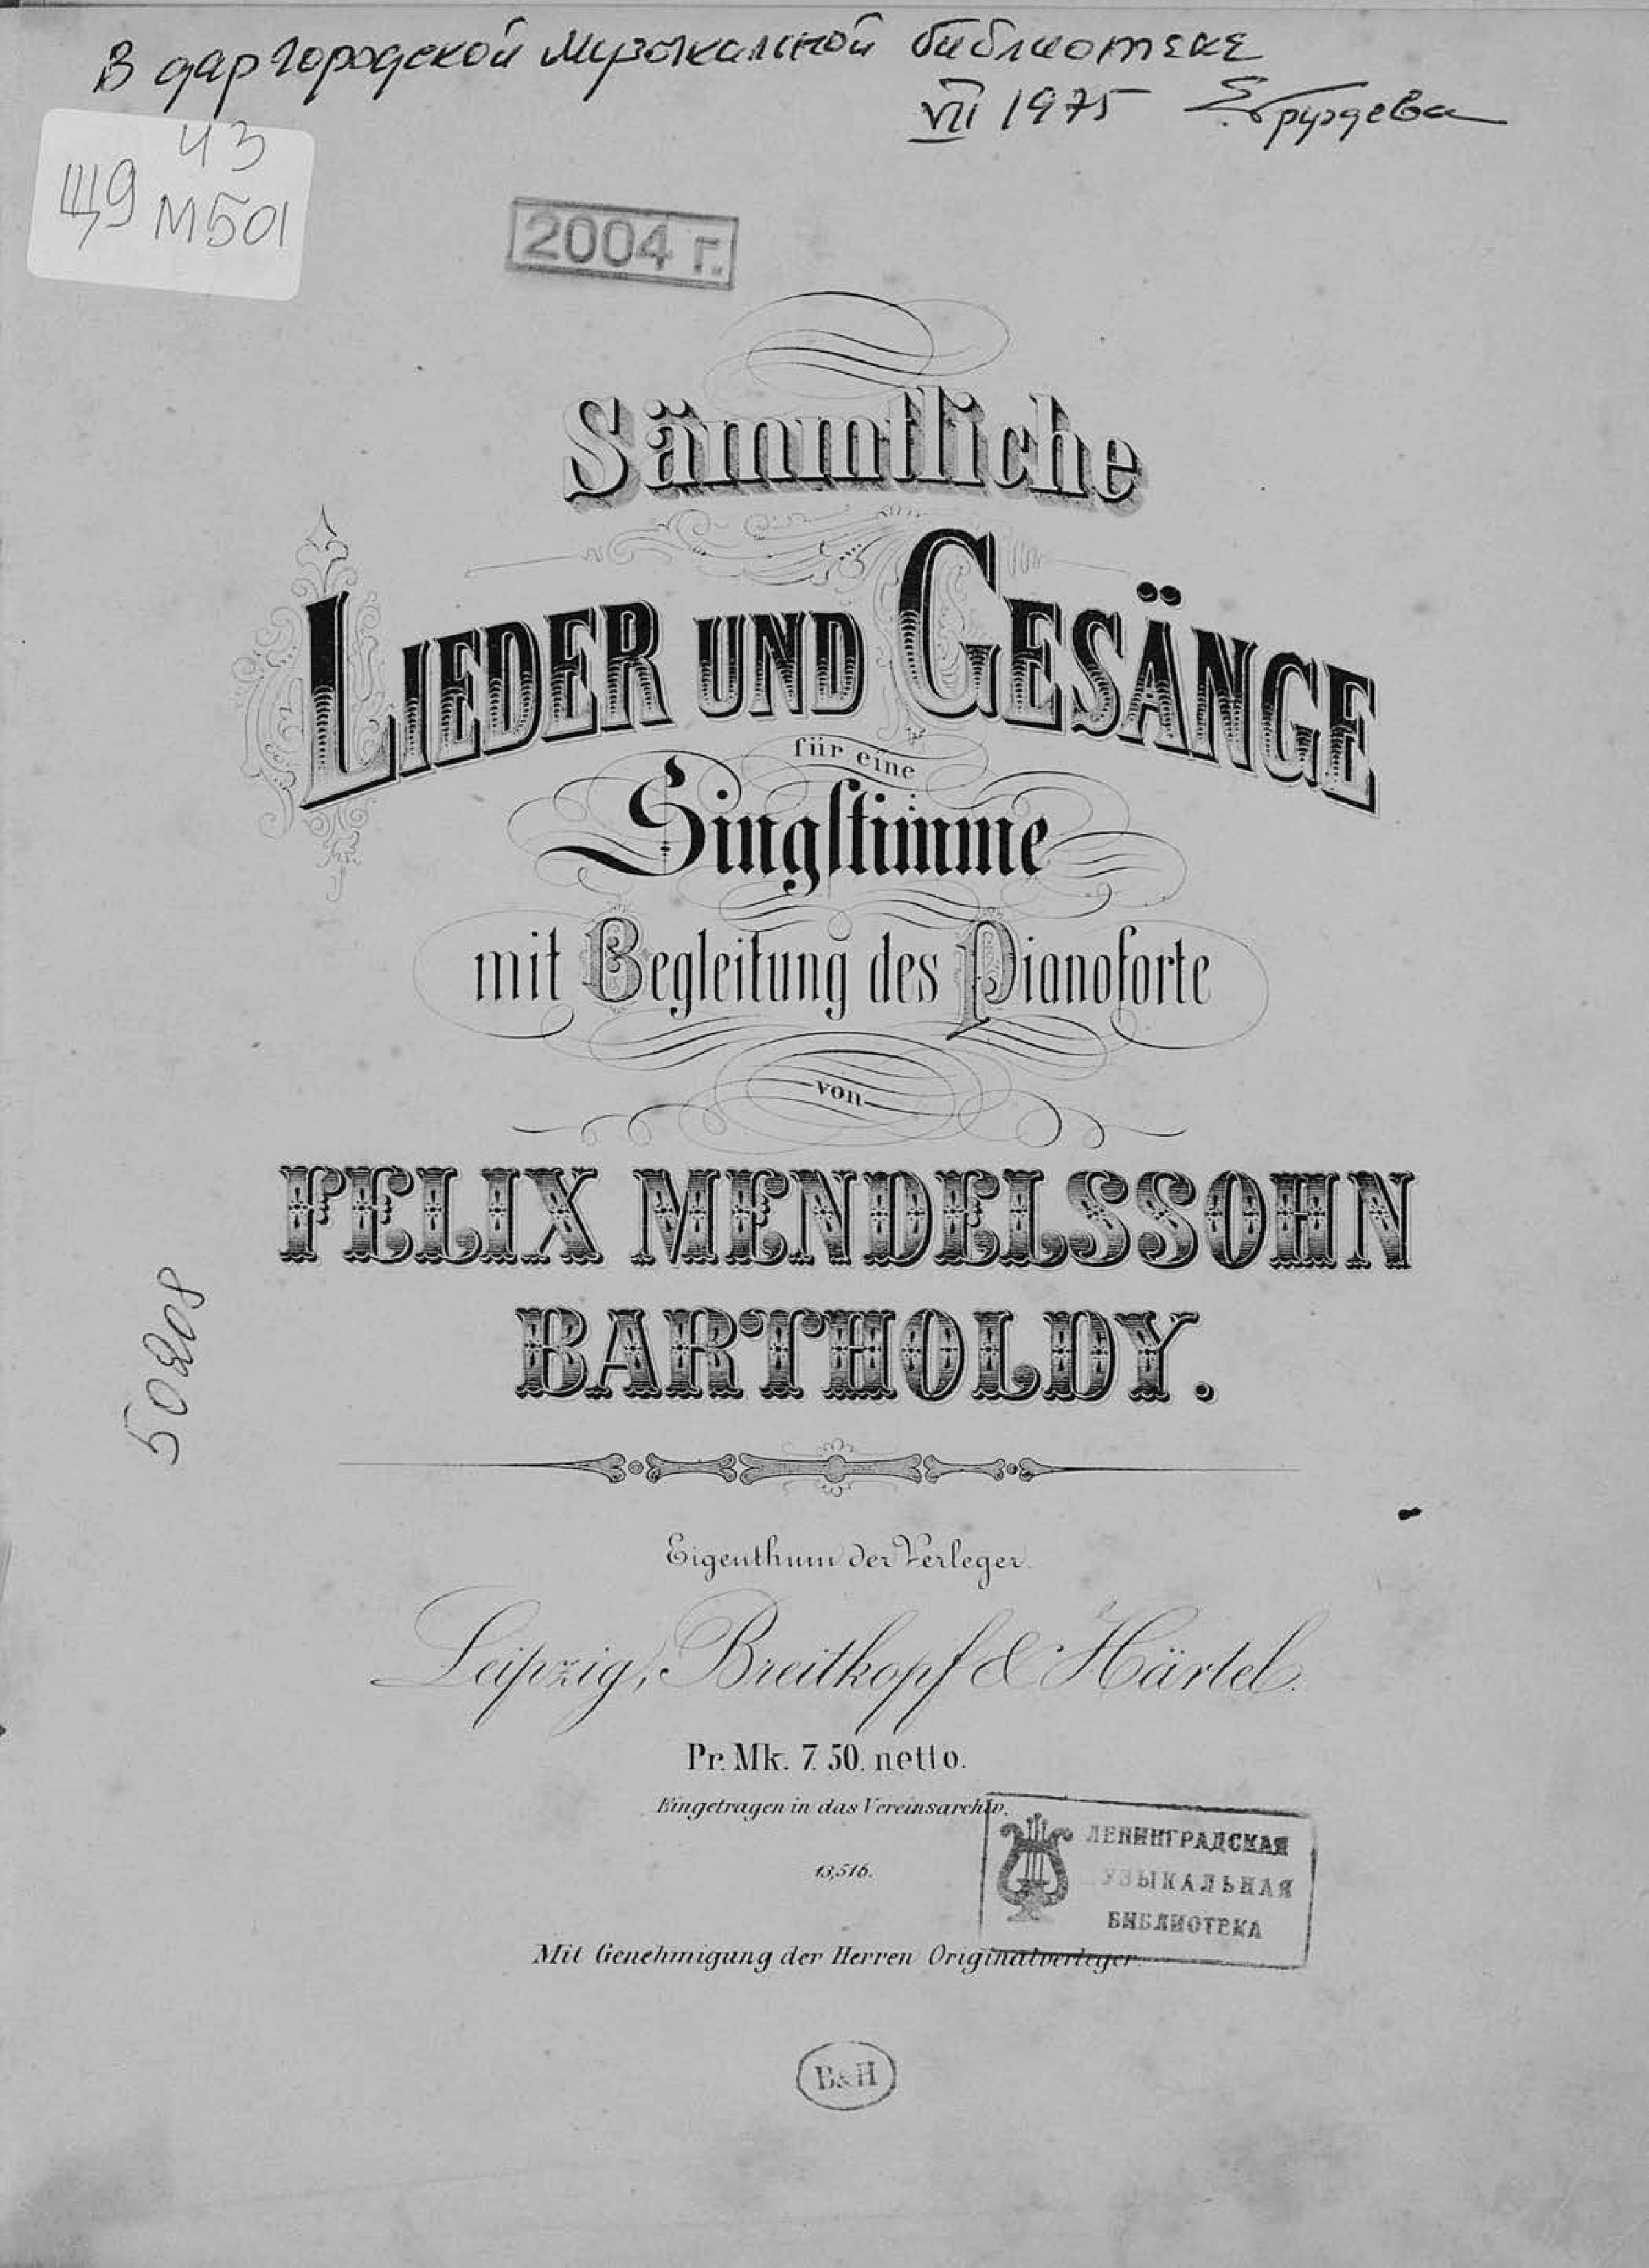 Феликс Мендельсон-Бартольди Sammtliche Lieder und Gesange fur eine Singstimme mit Begleitung des Pianoforte von F. Mendelssohn-Bartholdy